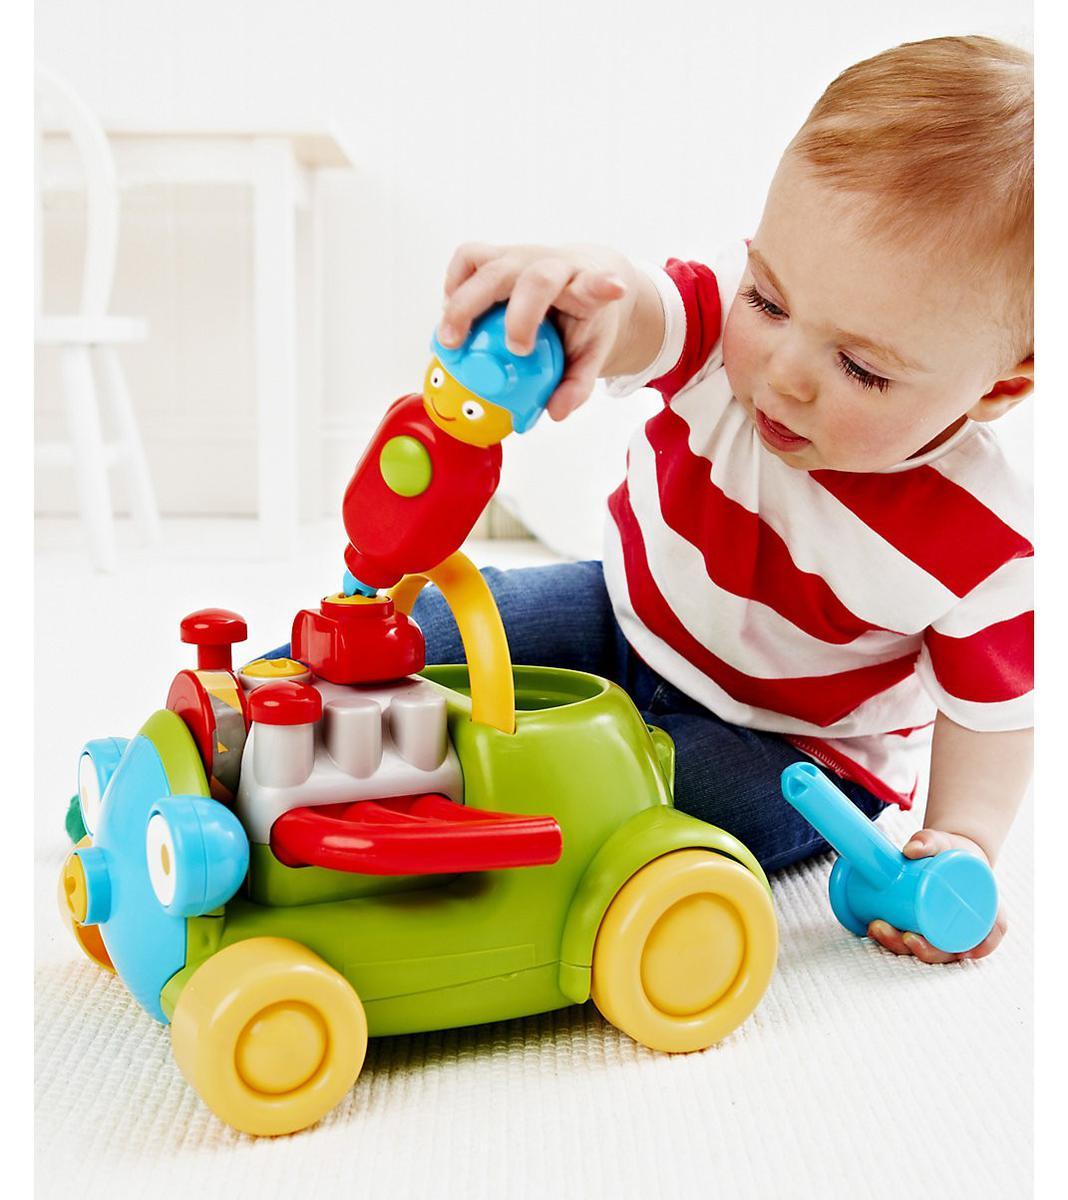 Смотреть картинки с игрушками 8 фотография